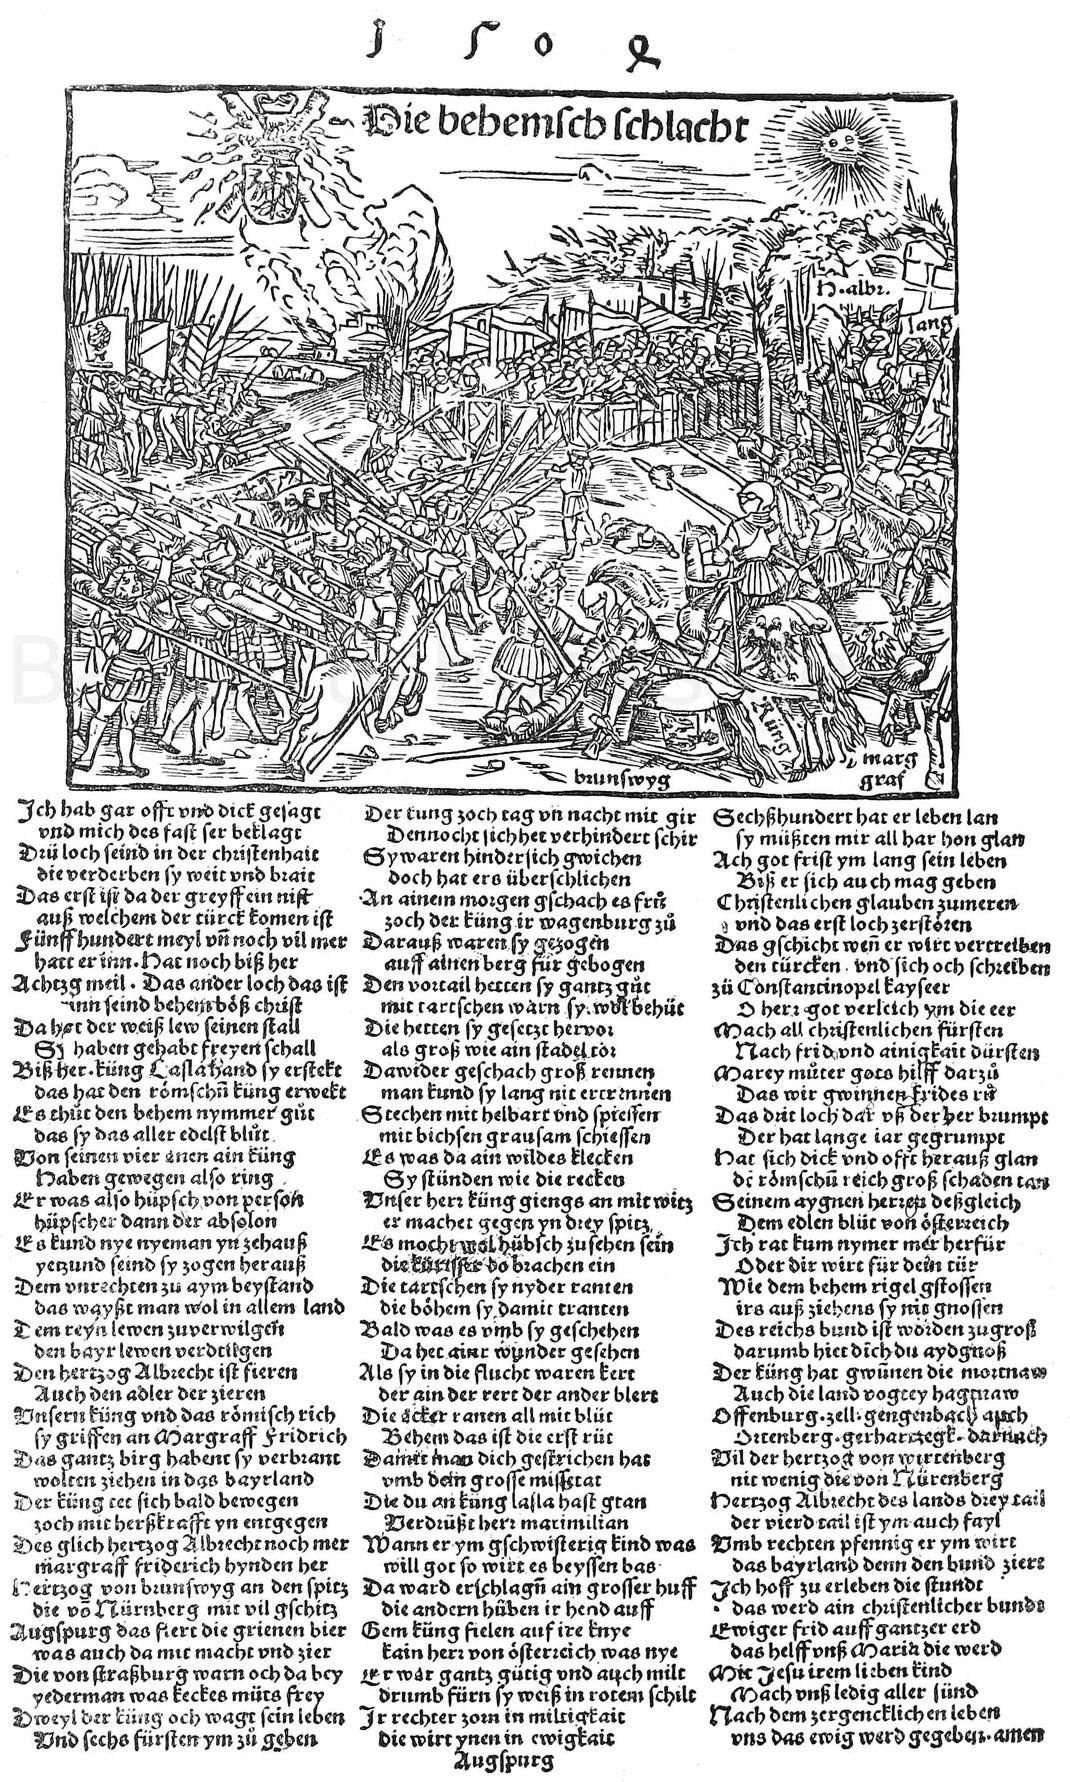 Maximilian schlägt 1504 bei Regensburg die böhmischen Hilfstruppen Pfalzgraf Ruprecht. Gleichzeitiges Augsburger fliegendes Blatt. München, Hofbibliothek.